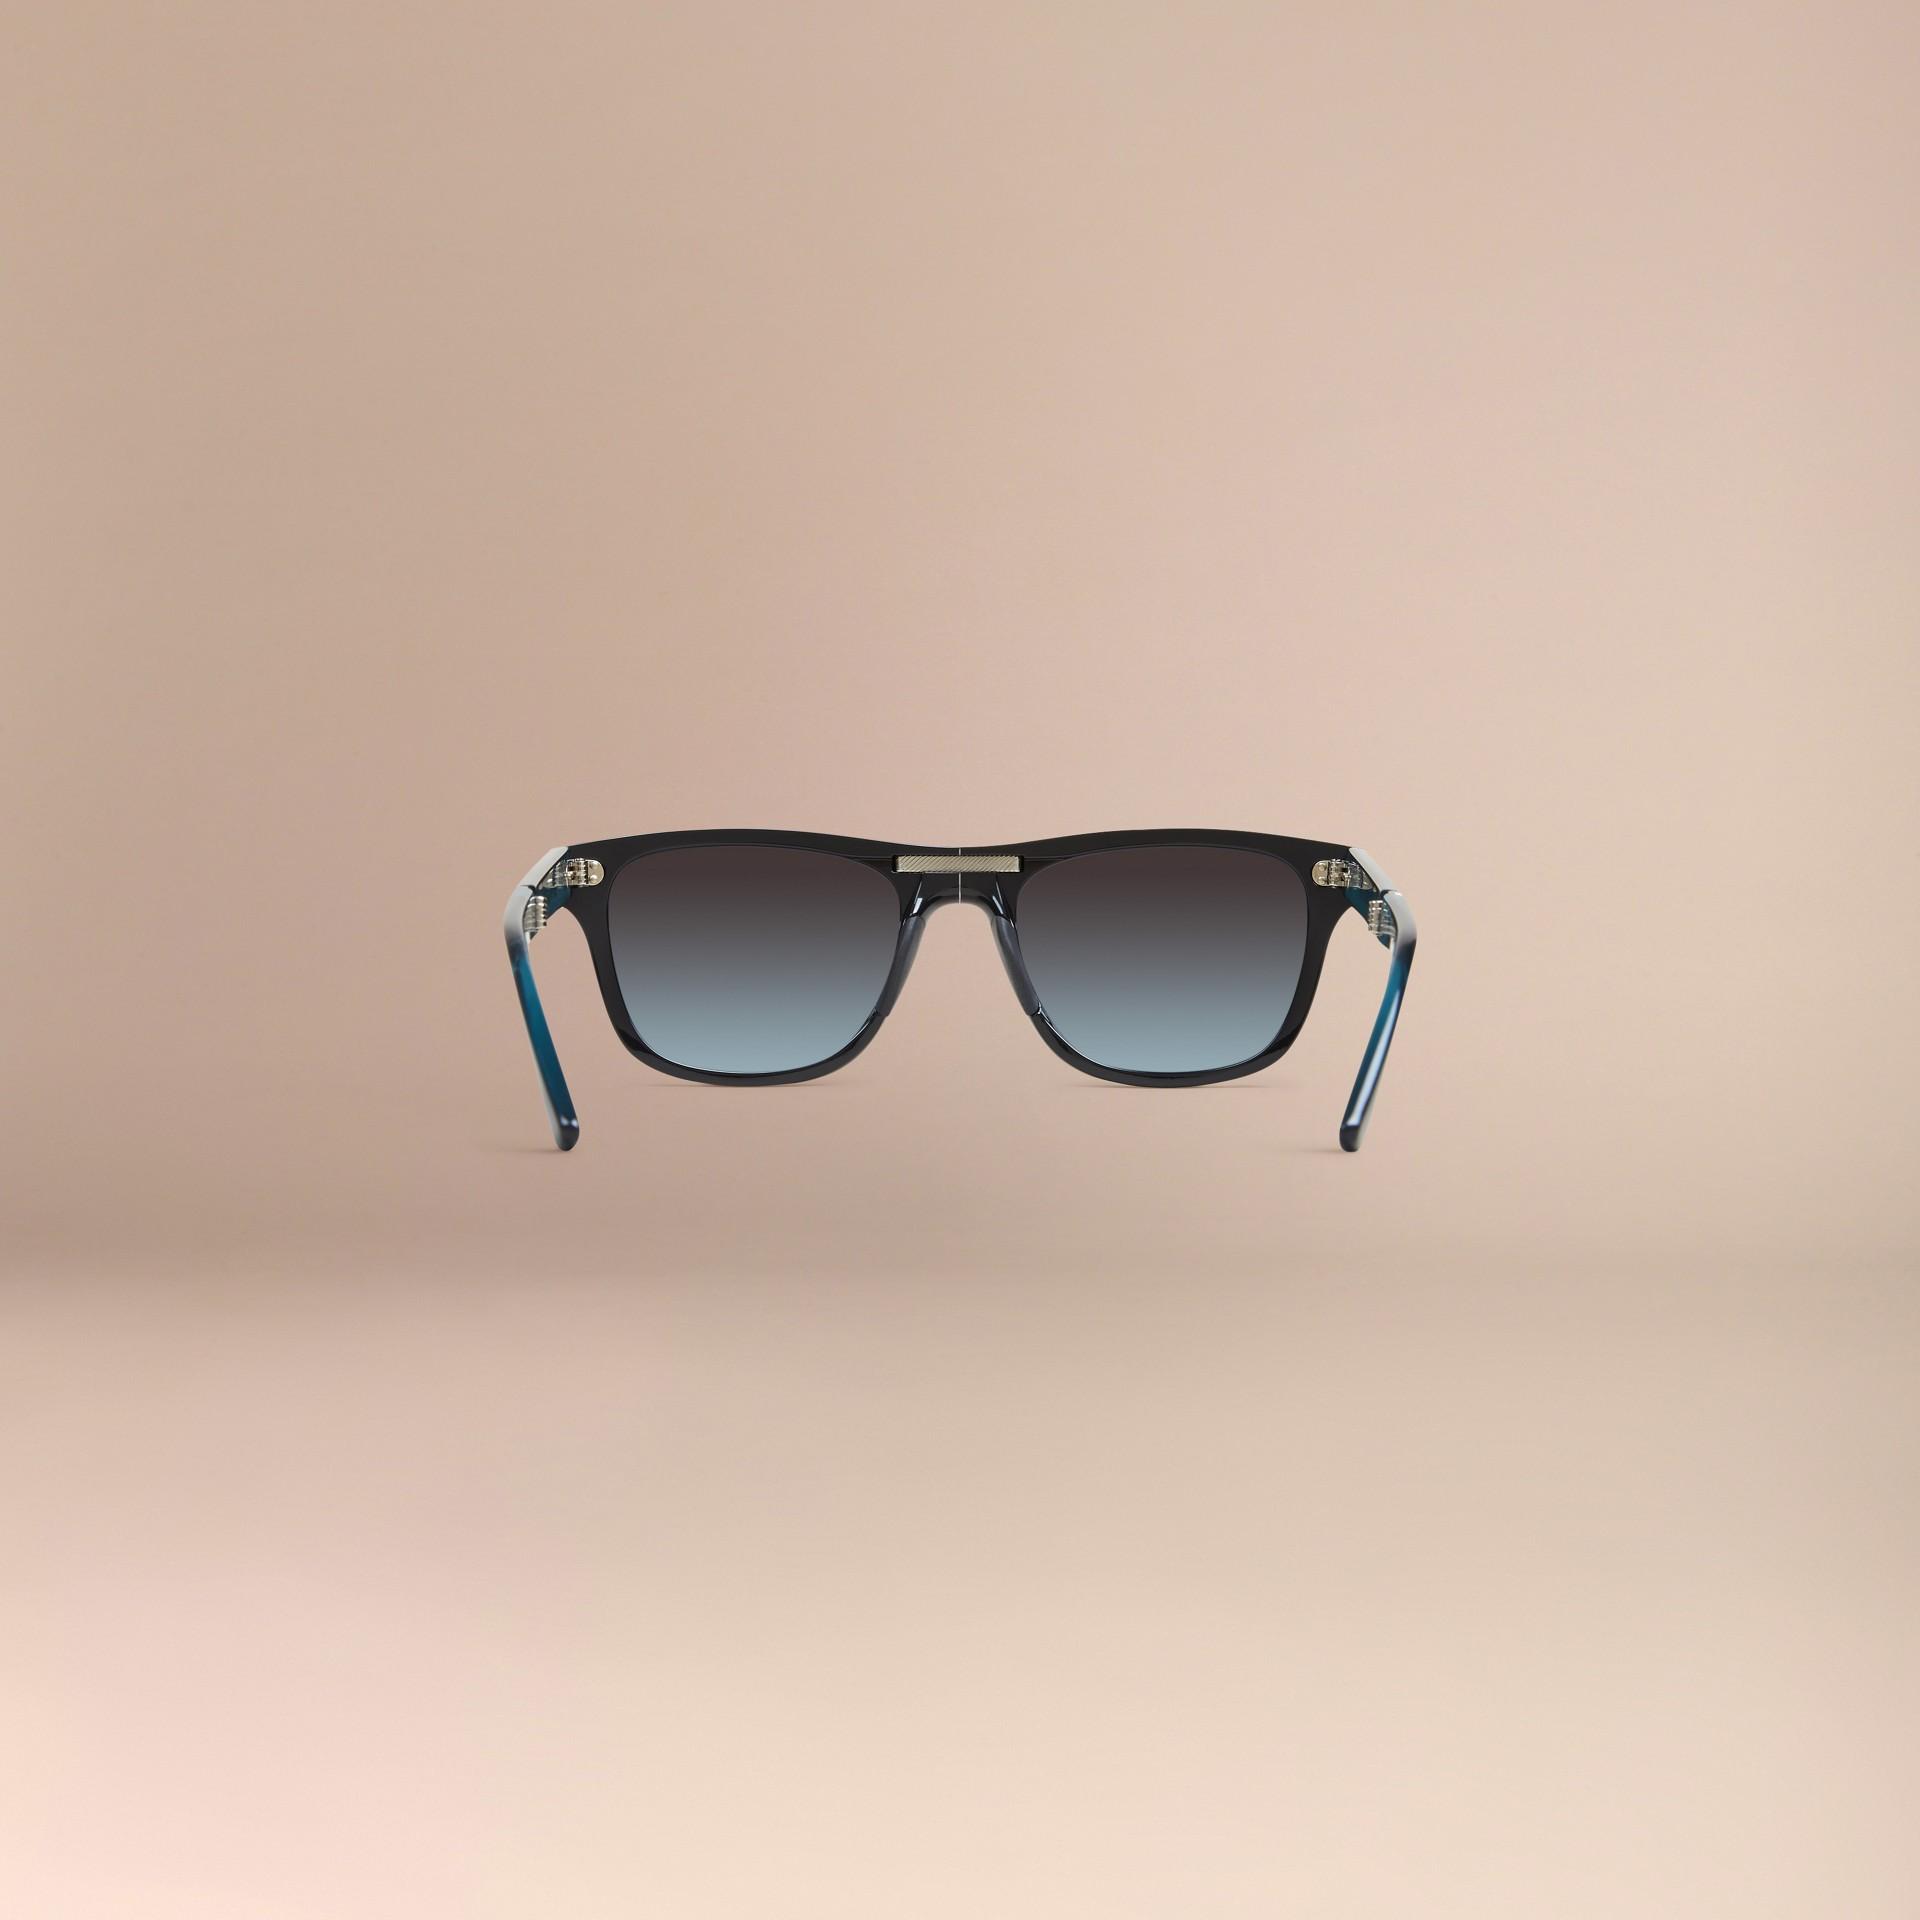 Nero Occhiali da sole con montatura rettangolare pieghevole Nero - immagine della galleria 5